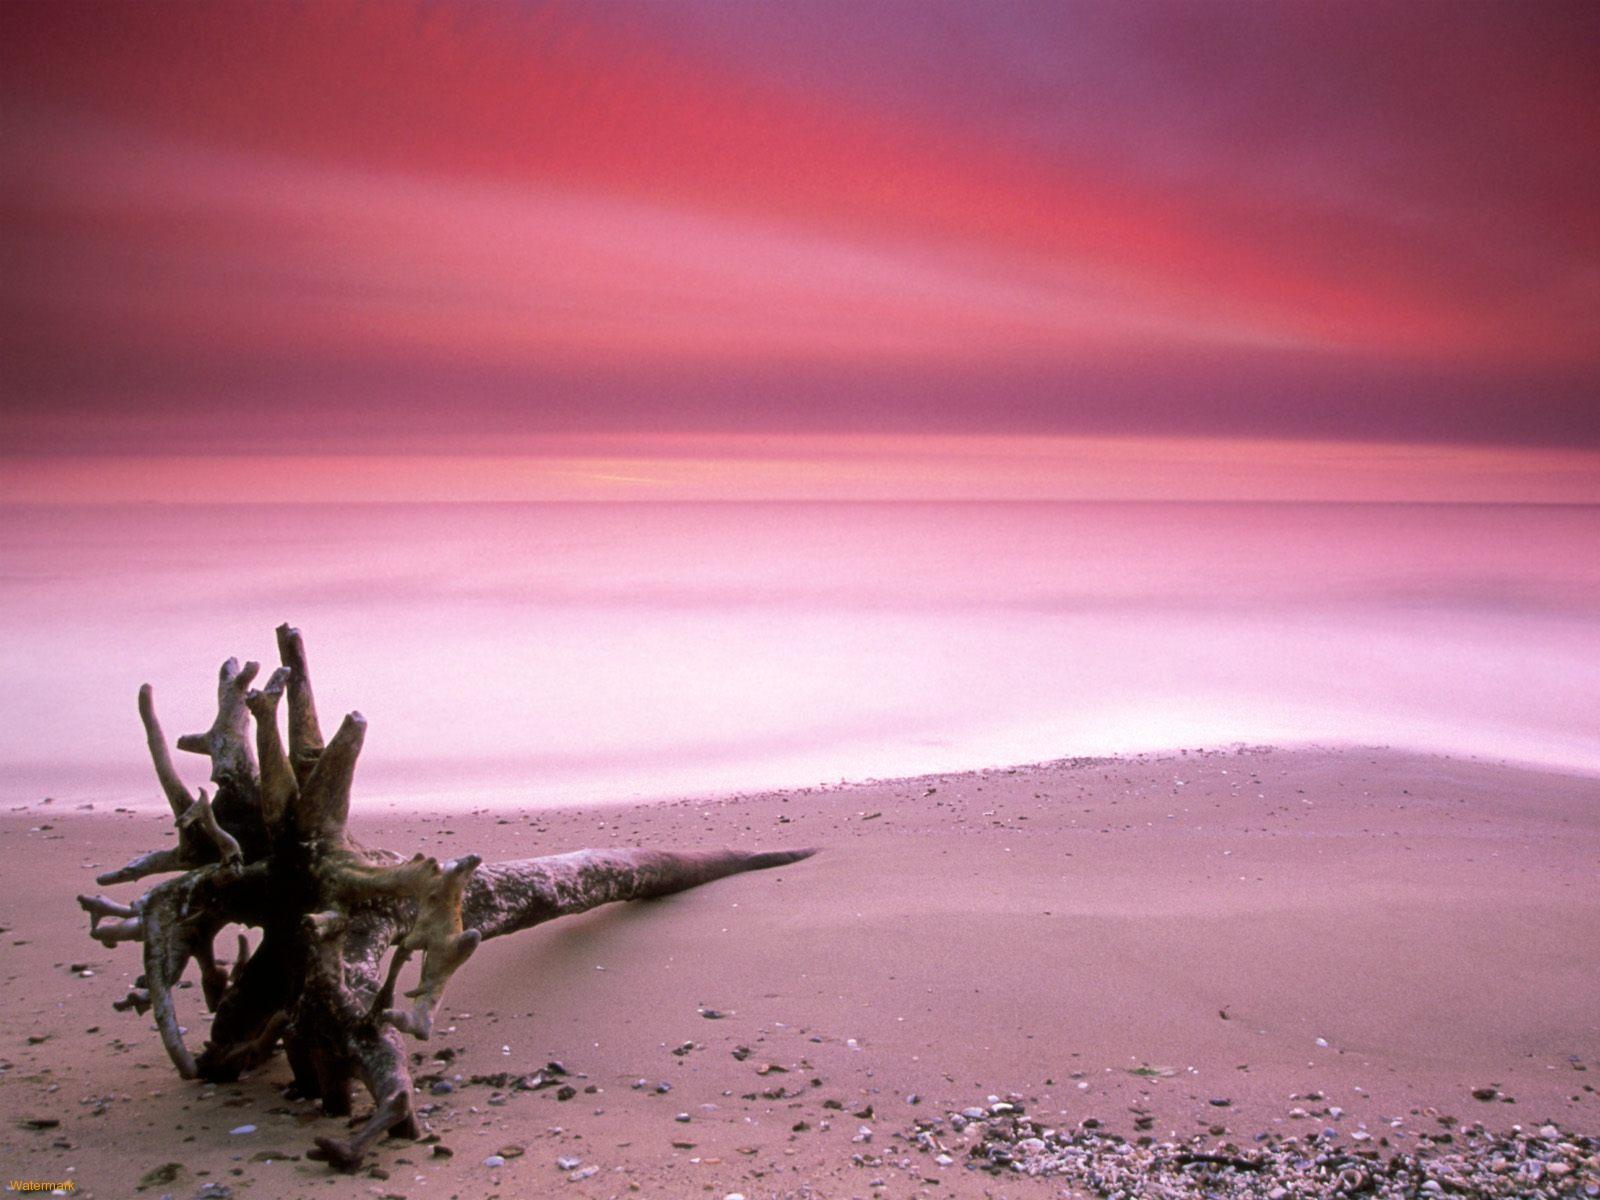 natural beach pretty wallpaper - photo #14